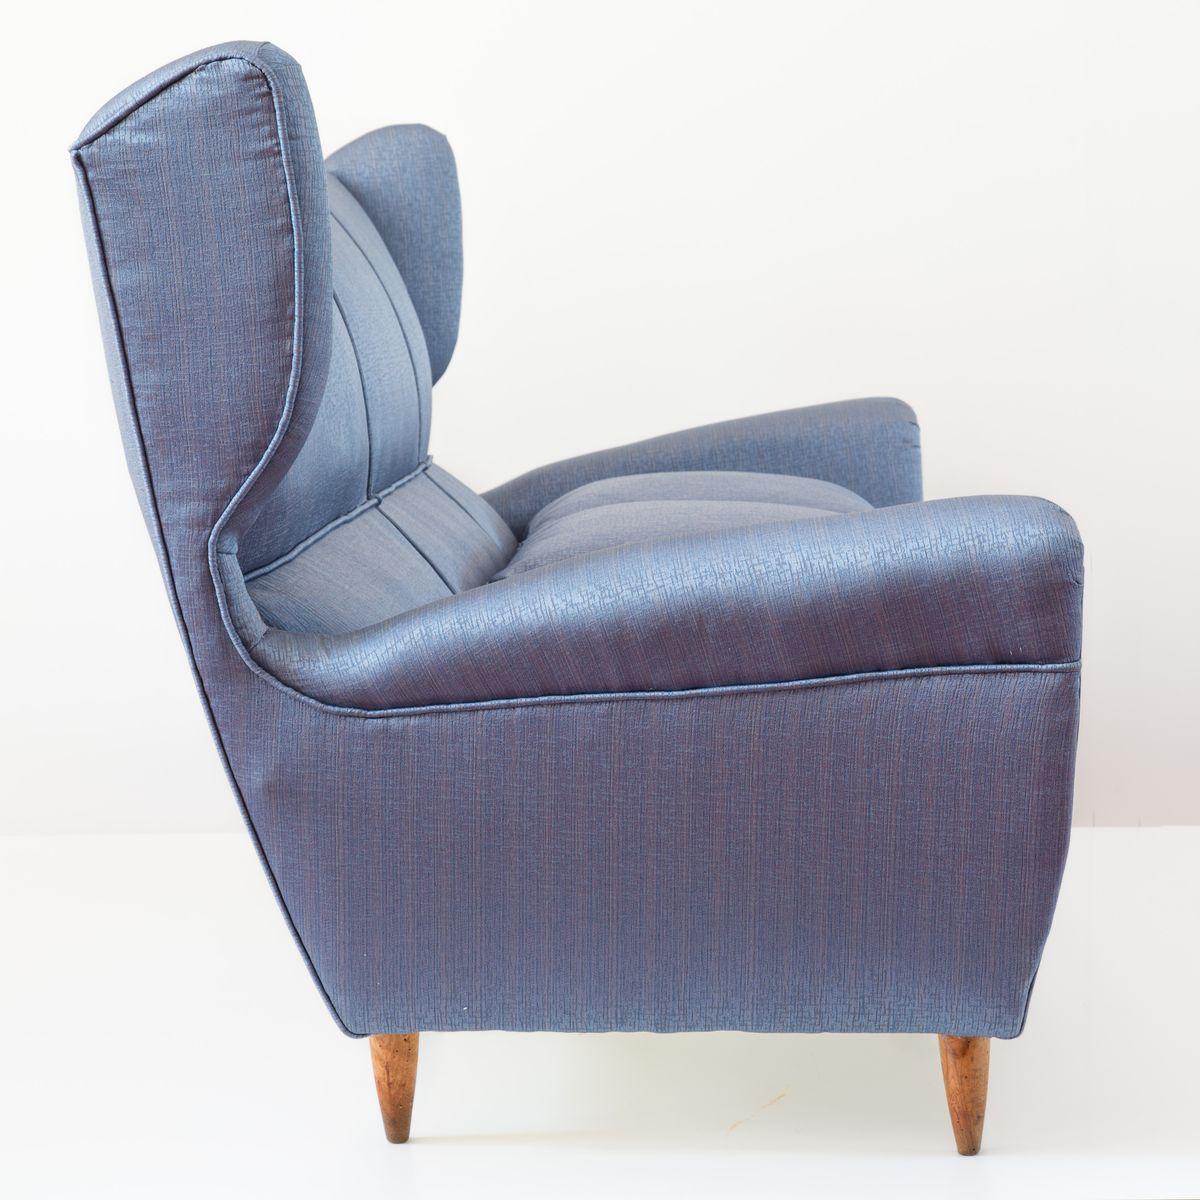 Drei sitzer ohrensessel sofa von paolo buffa bei pamono kaufen for Sofa 4 sitzer landhausstil